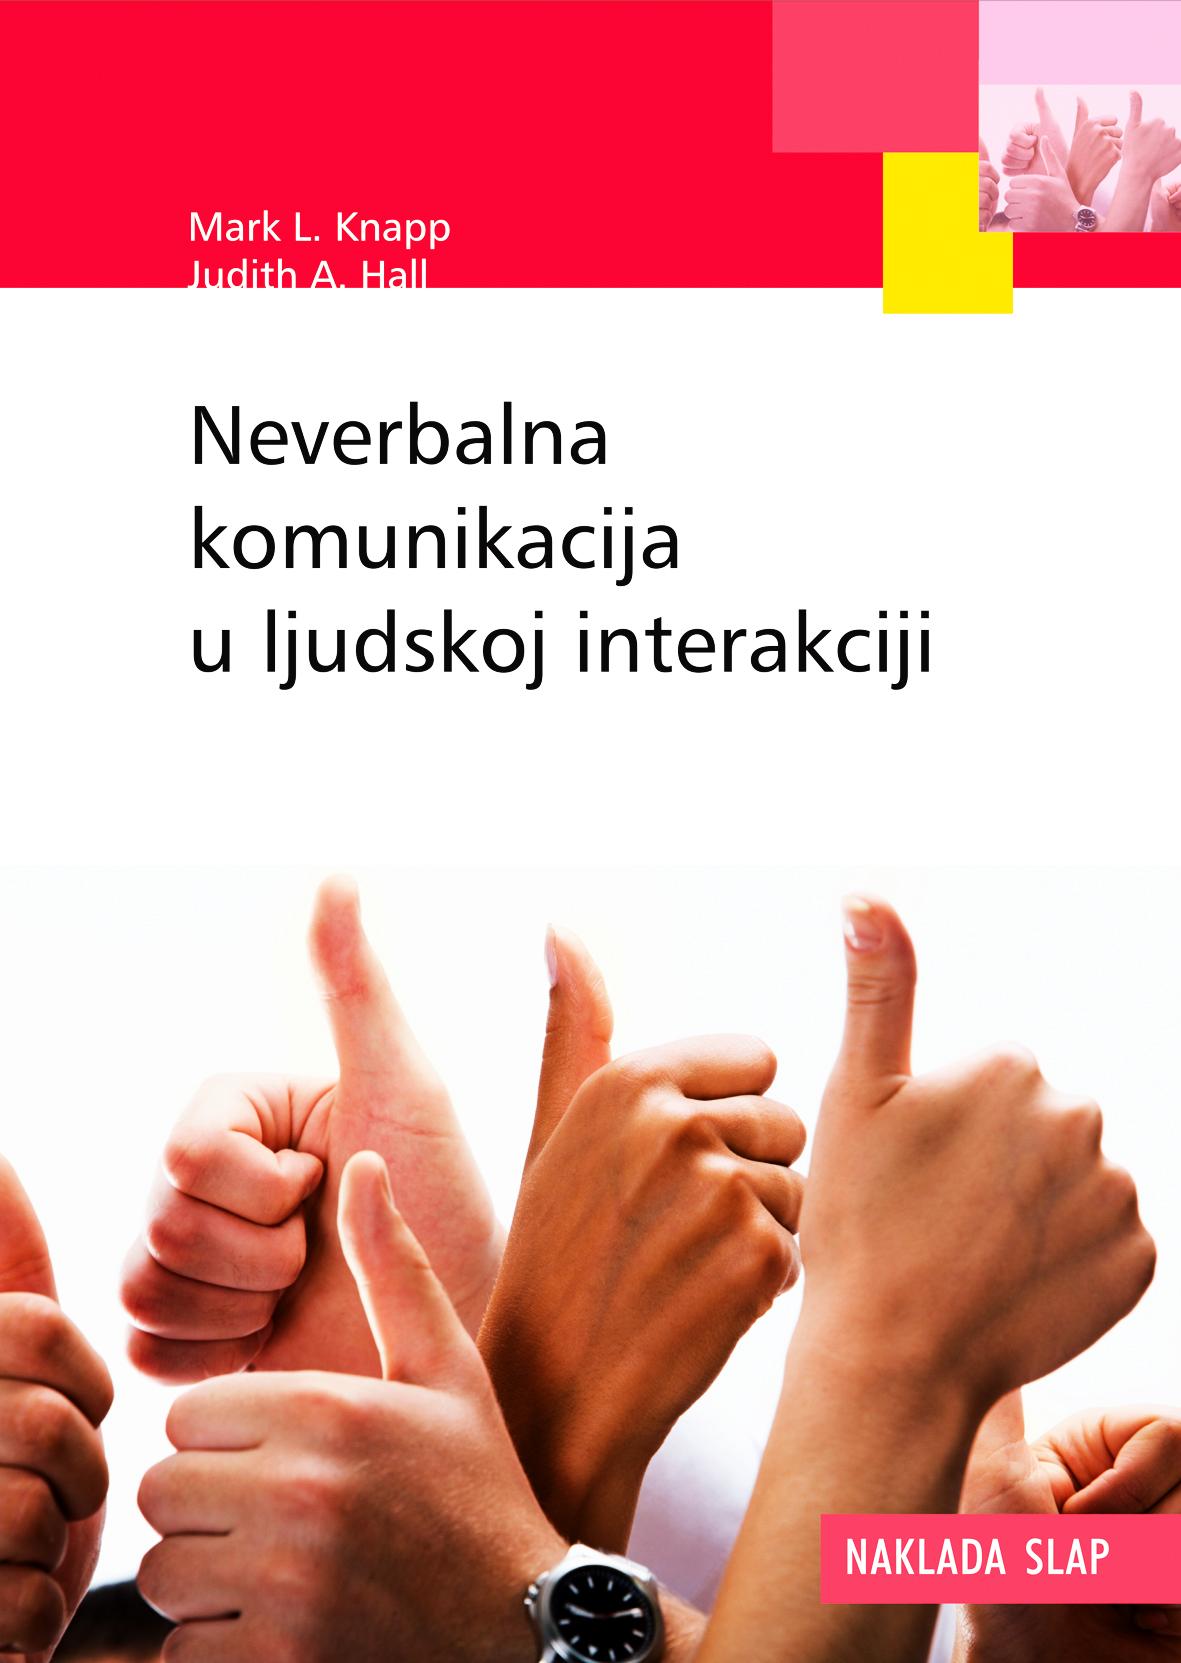 NEVERBALNA KOMUNIKACIJA U LJUDSKOJ INTERAKCIJI - Naruči svoju knjigu